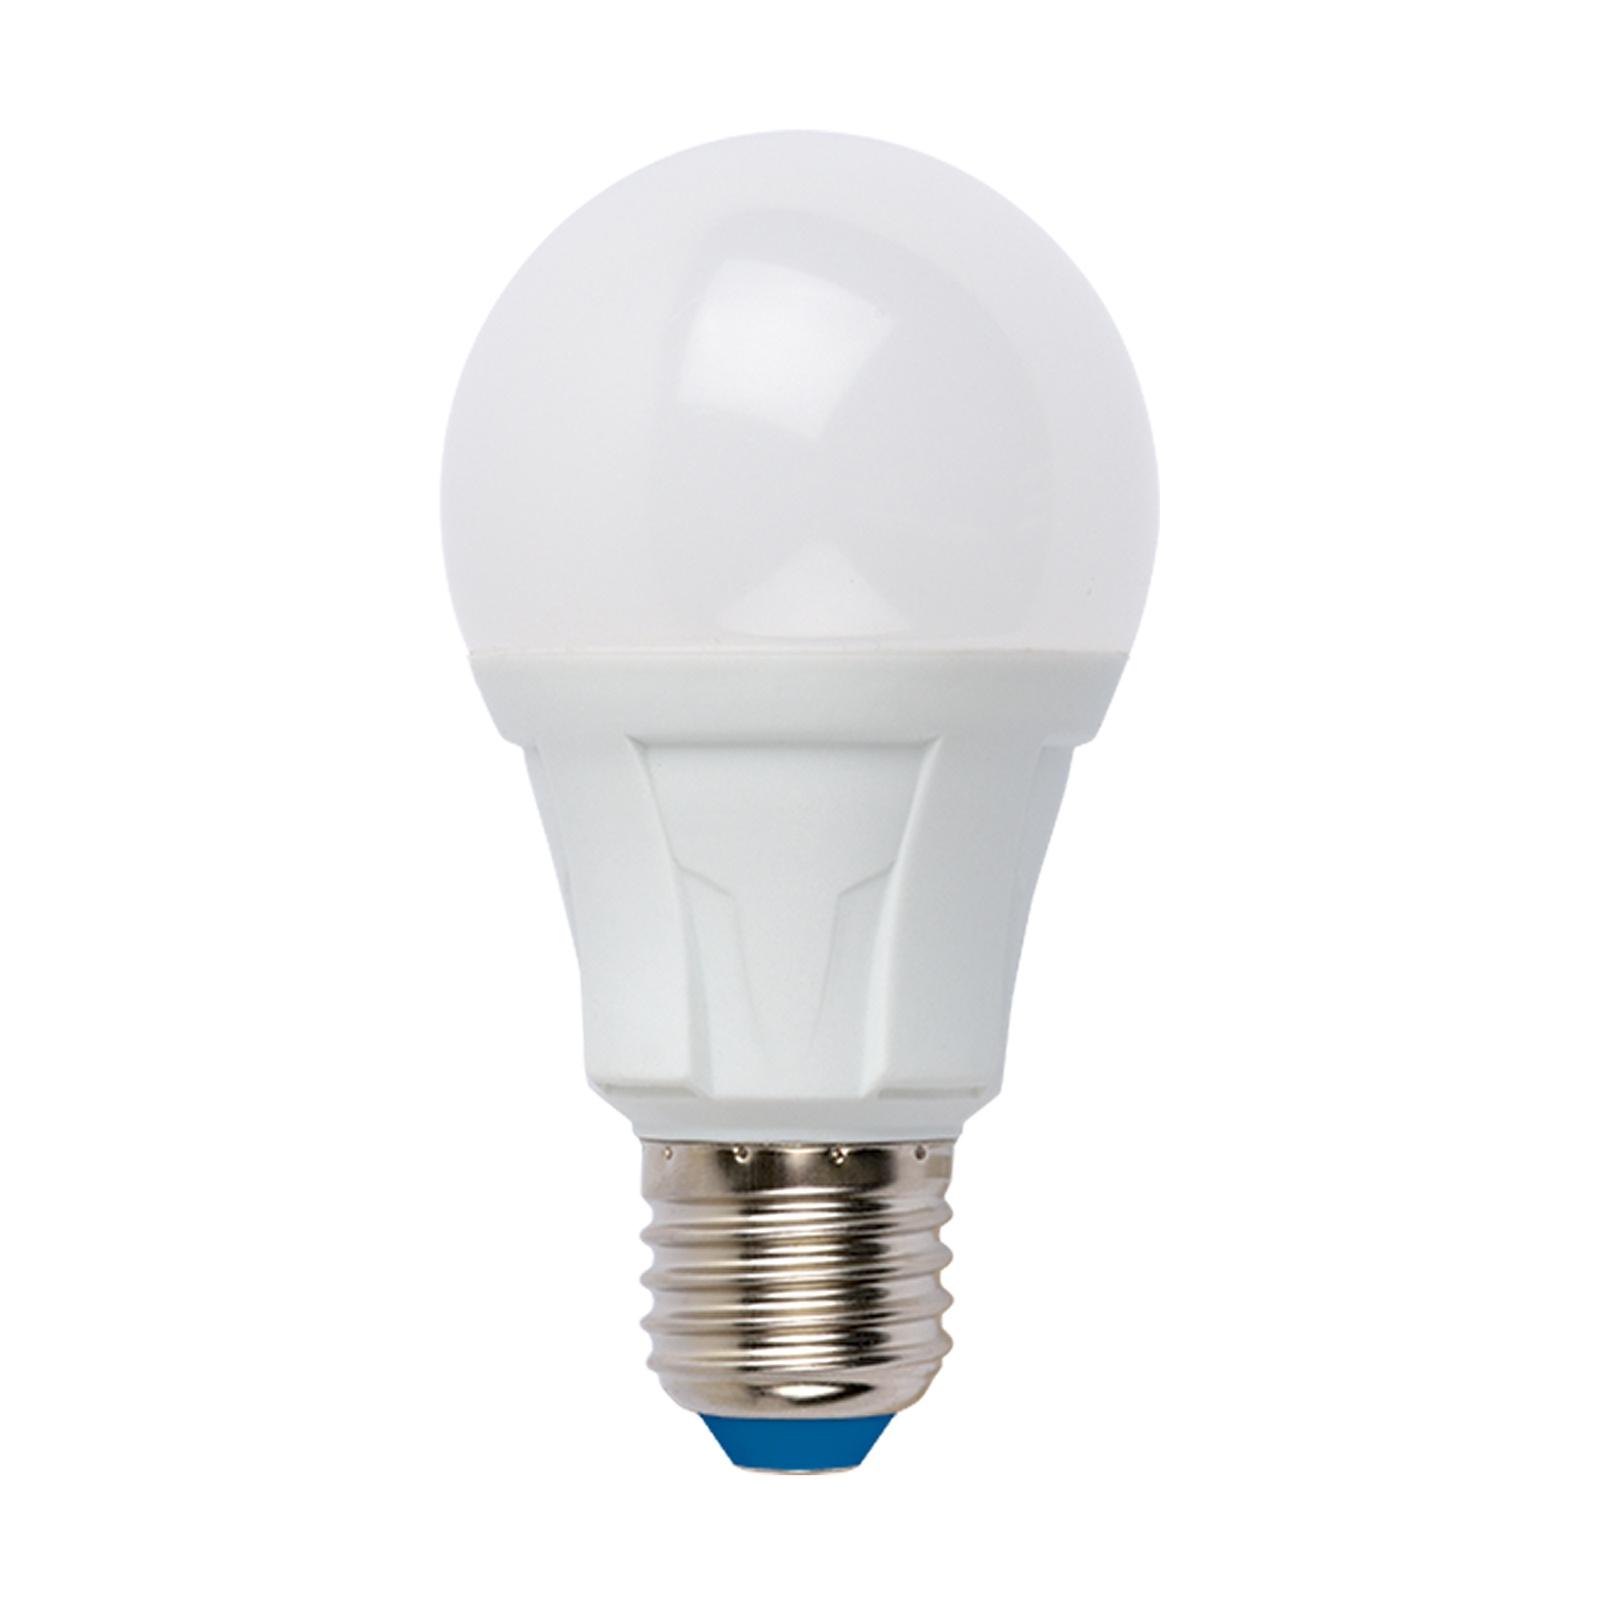 Лампочка Uniel LED-A60 8W/NW/E27/FR 4000K, Нейтральный свет 8 Вт, Светодиодная